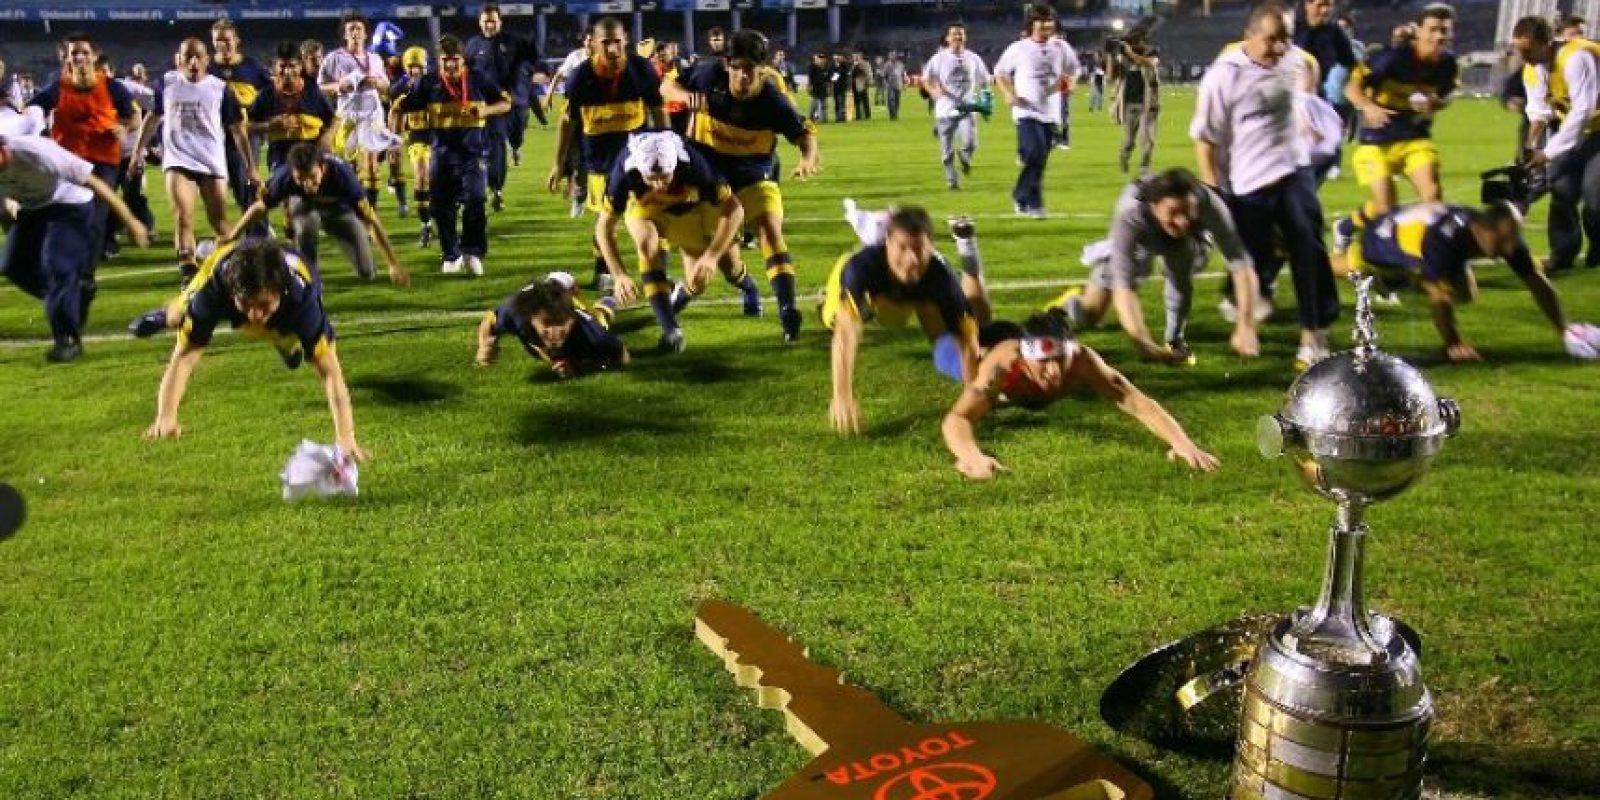 Boca Juniors lo sigue muy de cerca y tiene seis títulos. Estudiantes de La Plata aporta 4, River Plate suma 3 y Racing, Argentinos Juniors, Vélez Sarsfield y San Lorenzo, tienen uno Foto:AFP